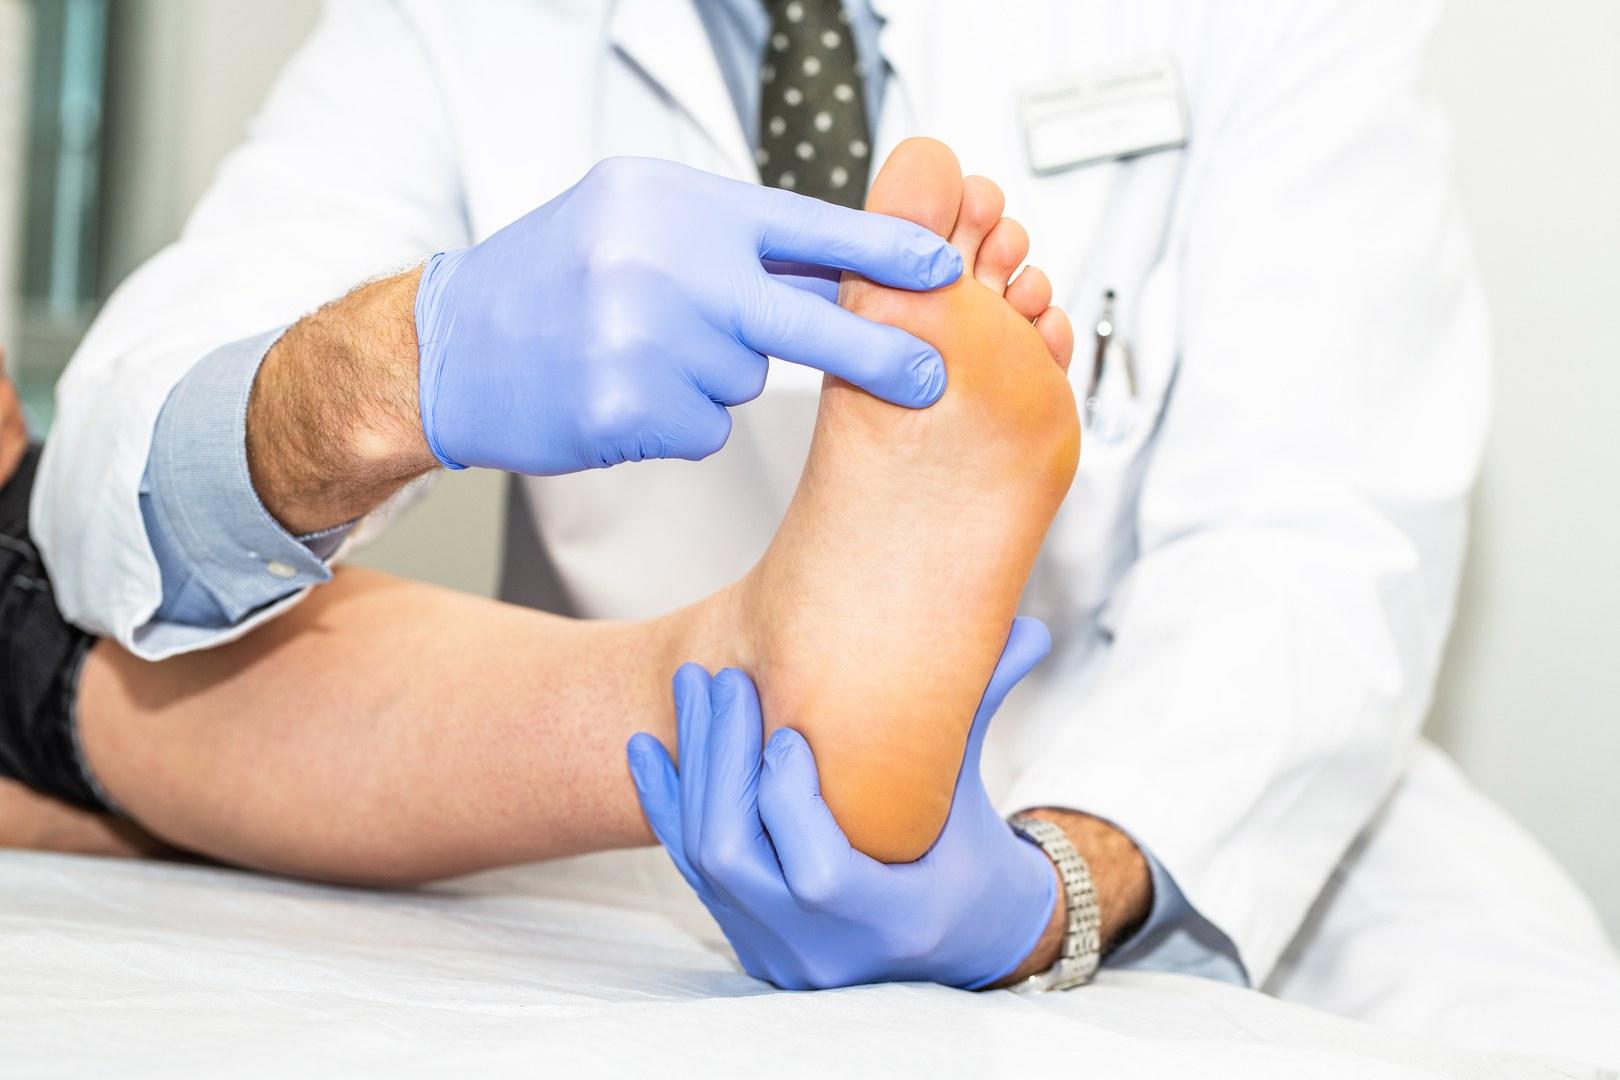 Orthopädische Untersuchung beim Fußspezialisten: